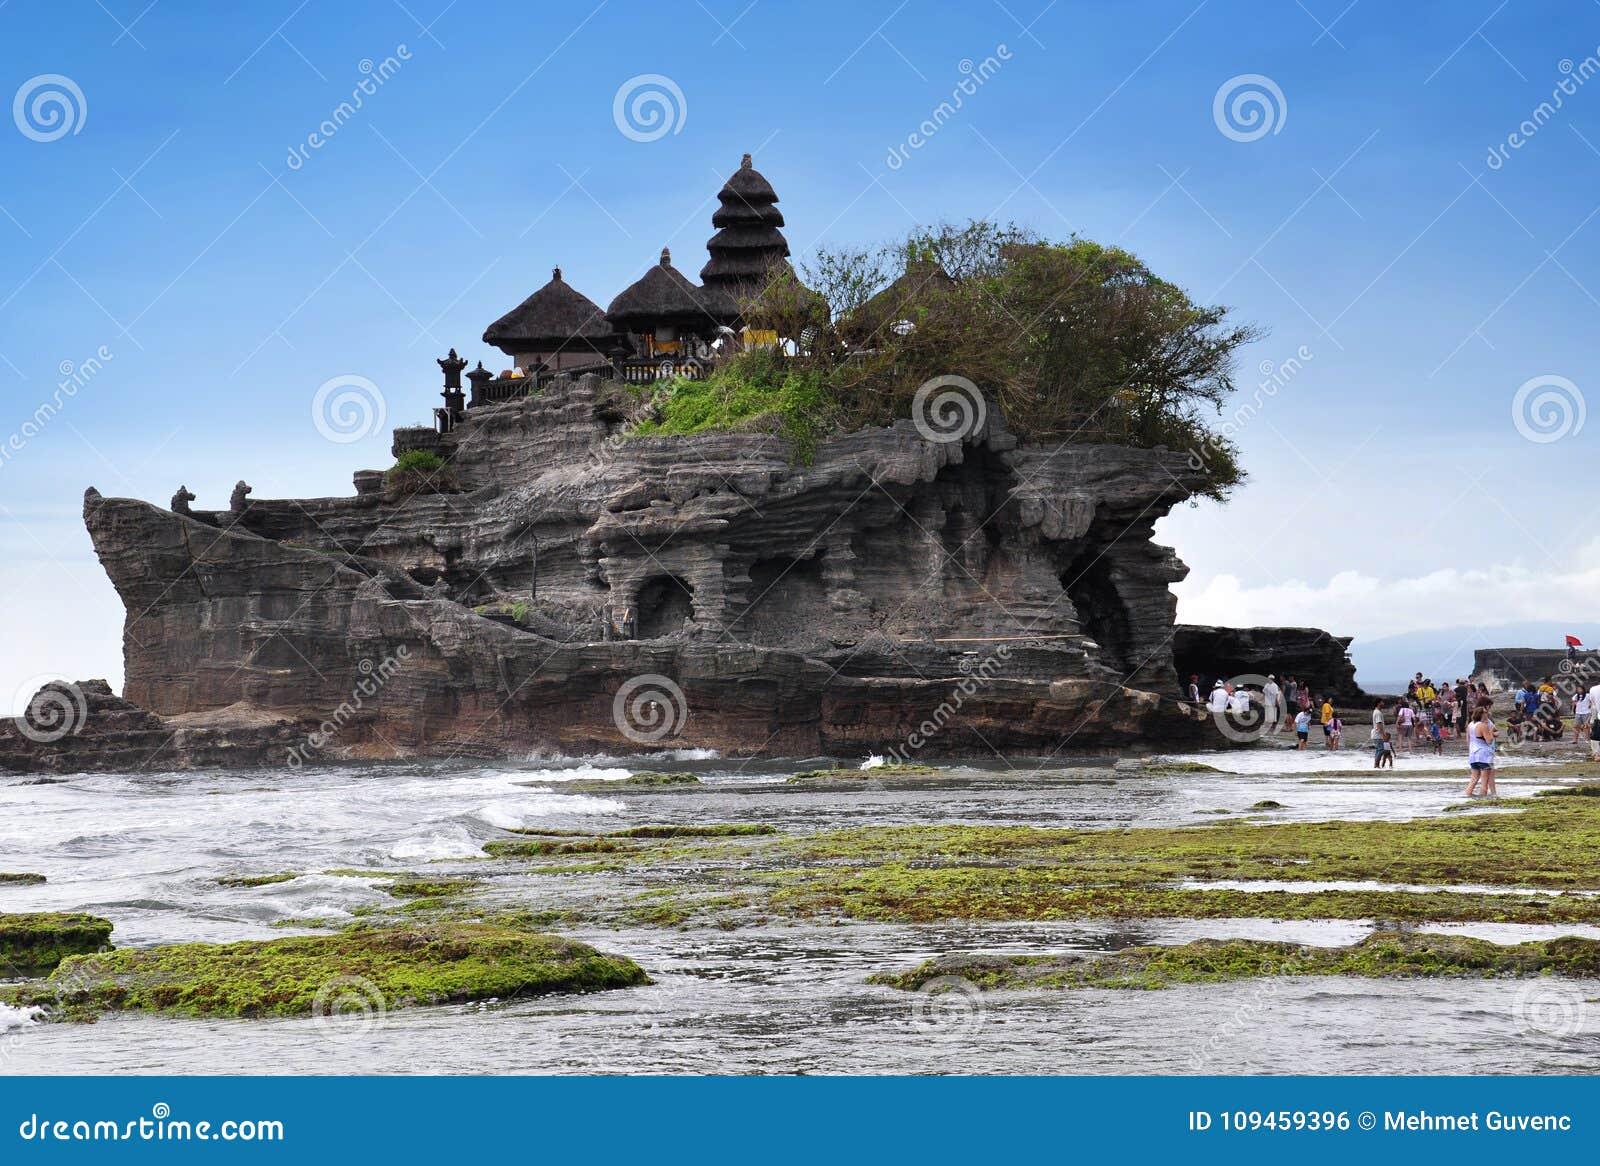 Île de Bali de temple hindou de temple de sort de Tanah, Indonésie